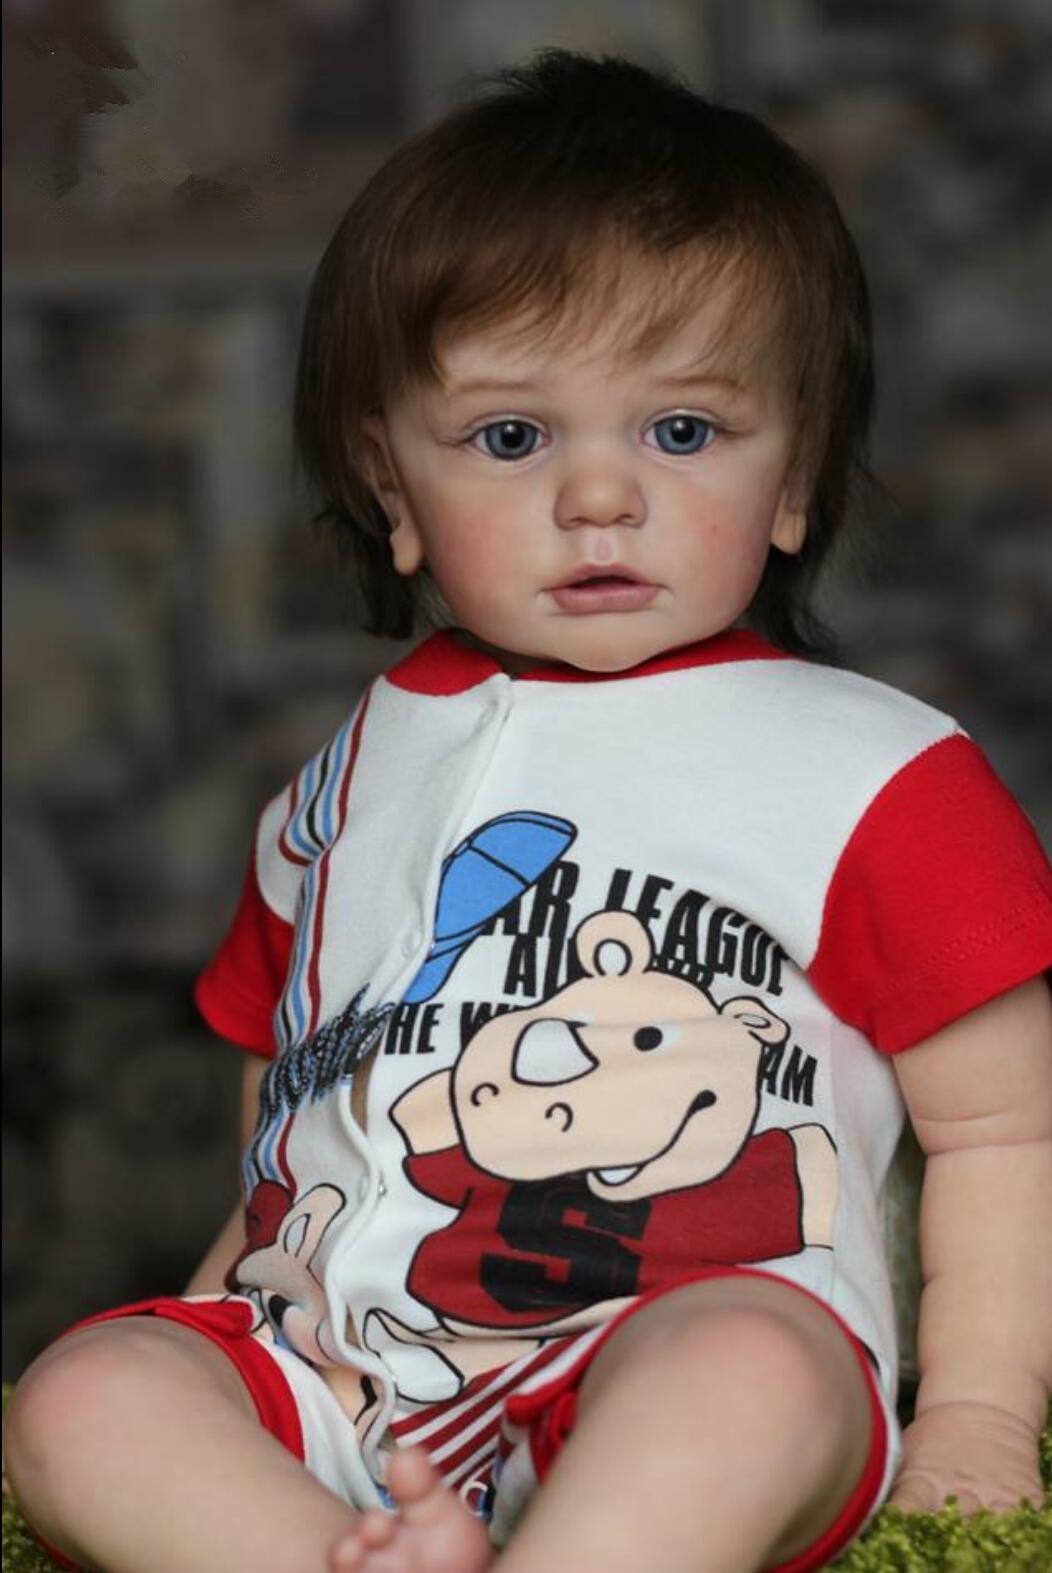 60 см реального прикосновения Reborn Одежда для малышей для мальчиков и девочек, с готовой кукла ткань тела Секс игрушки Реалистичные 24 дюйма, силикон, принцесса живые Bebe